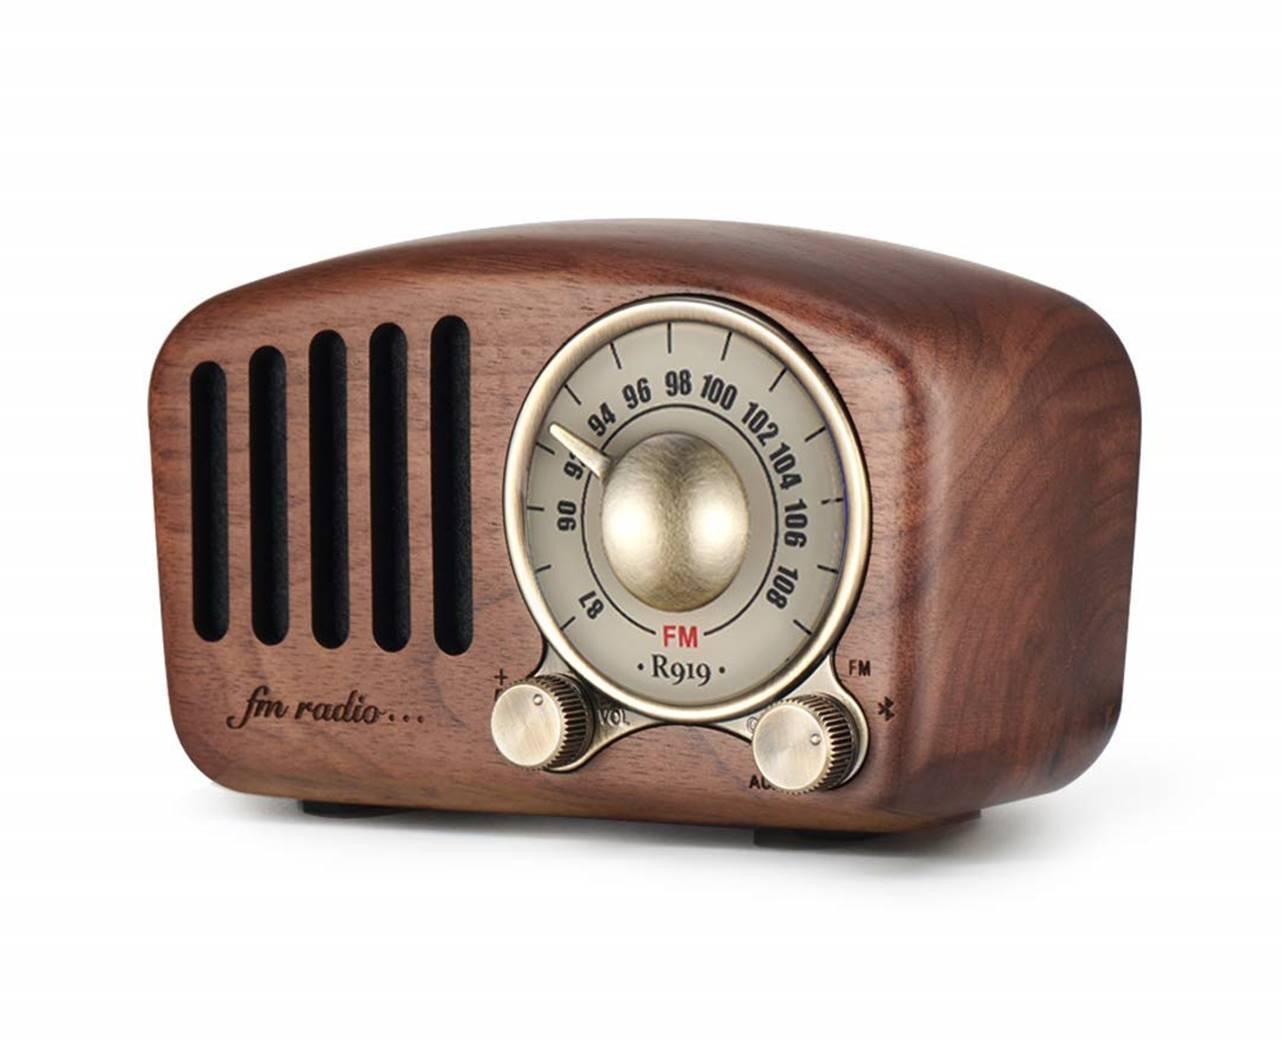 Greadio Vintage Speaker